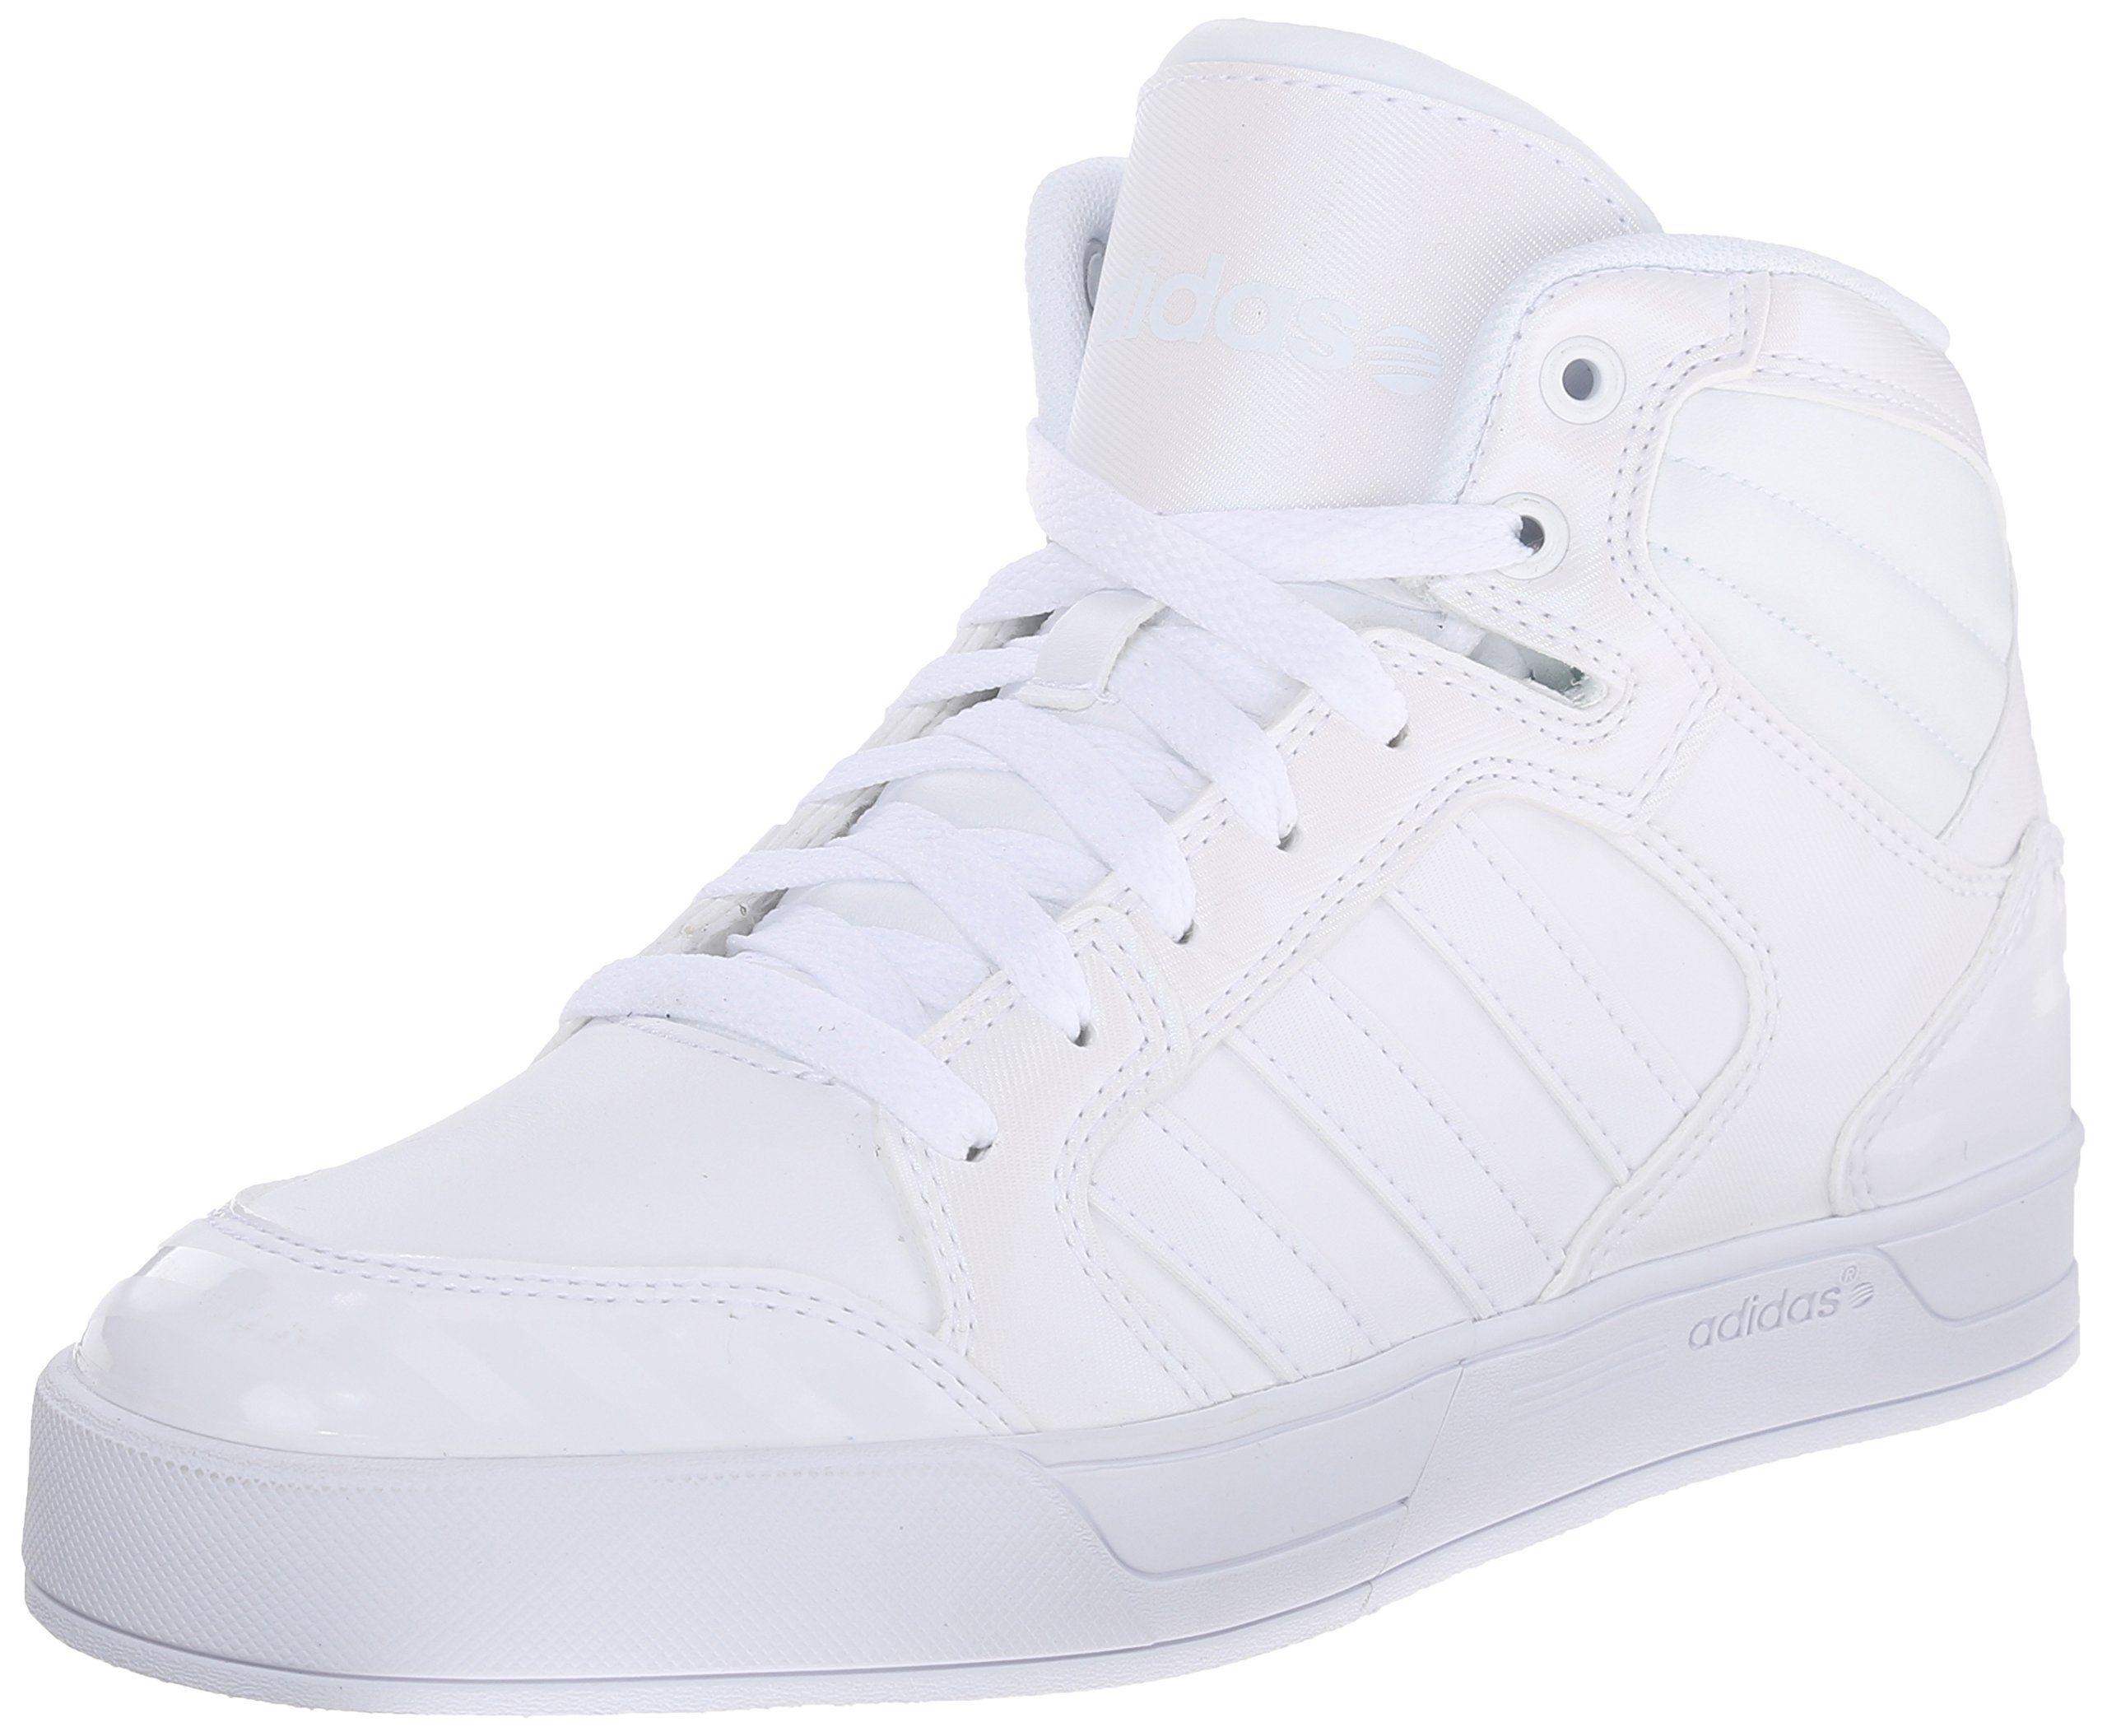 adidas NEO Women's Raleigh Mid W Casual Sneaker,White/White/White,6.5